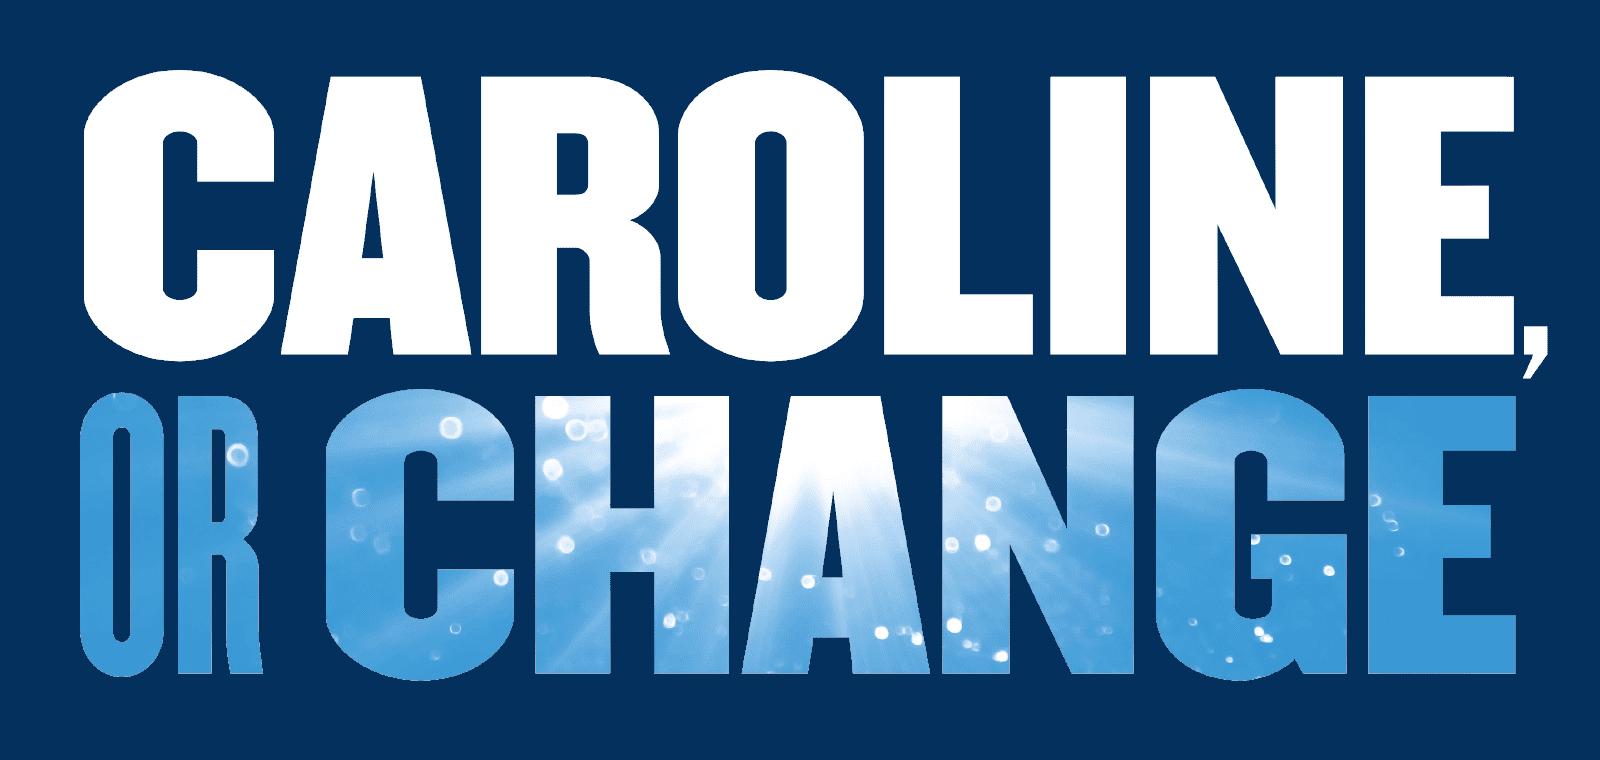 Artwork for Caroline, or Change